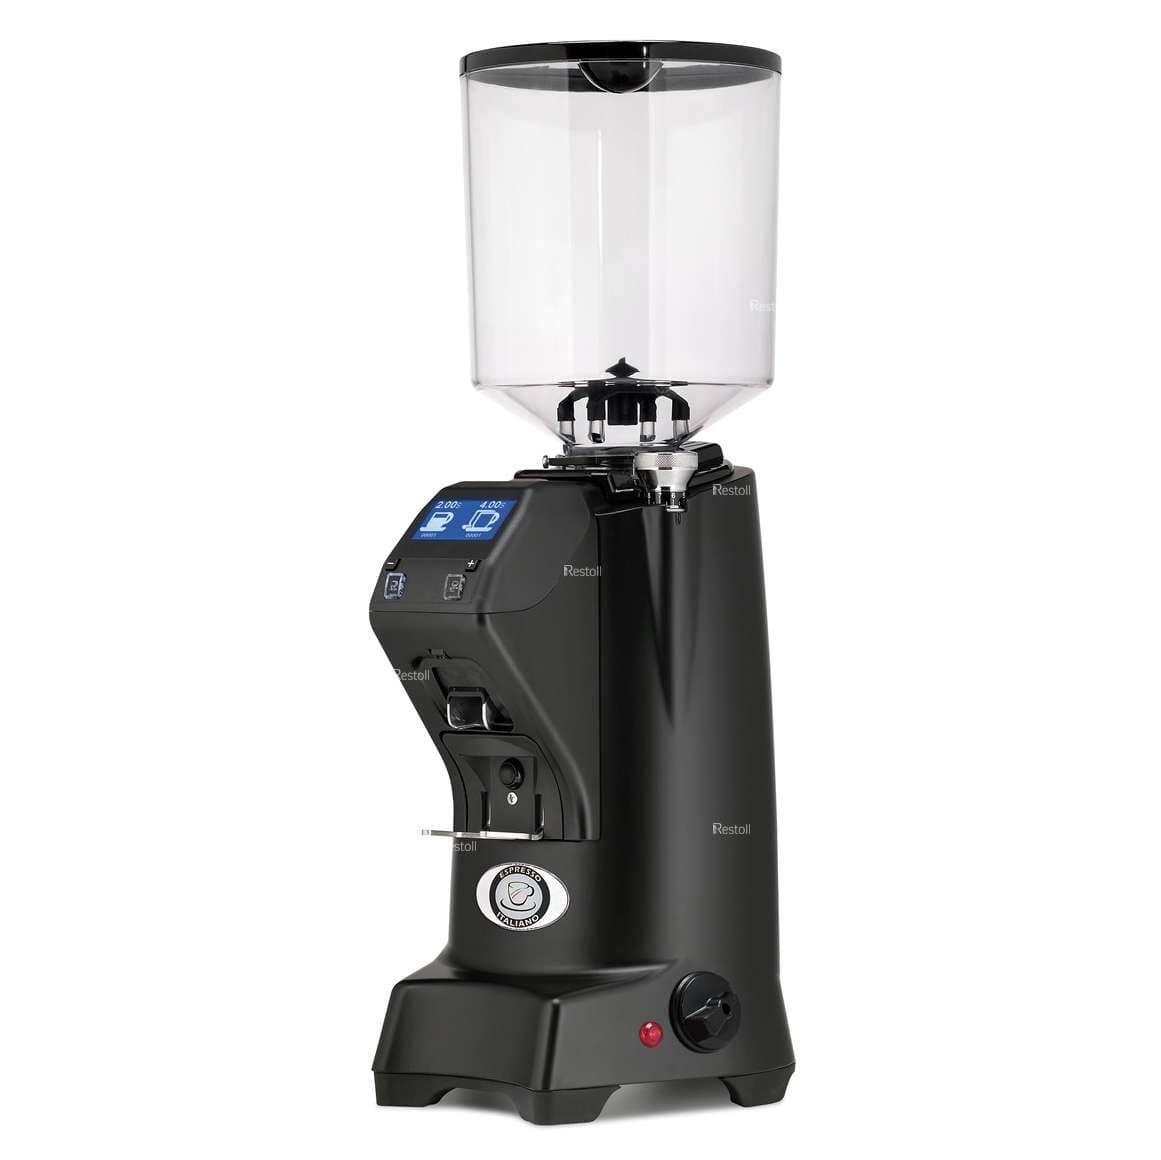 Кофемолка Eureka ZENITH 65 E, черная матовая